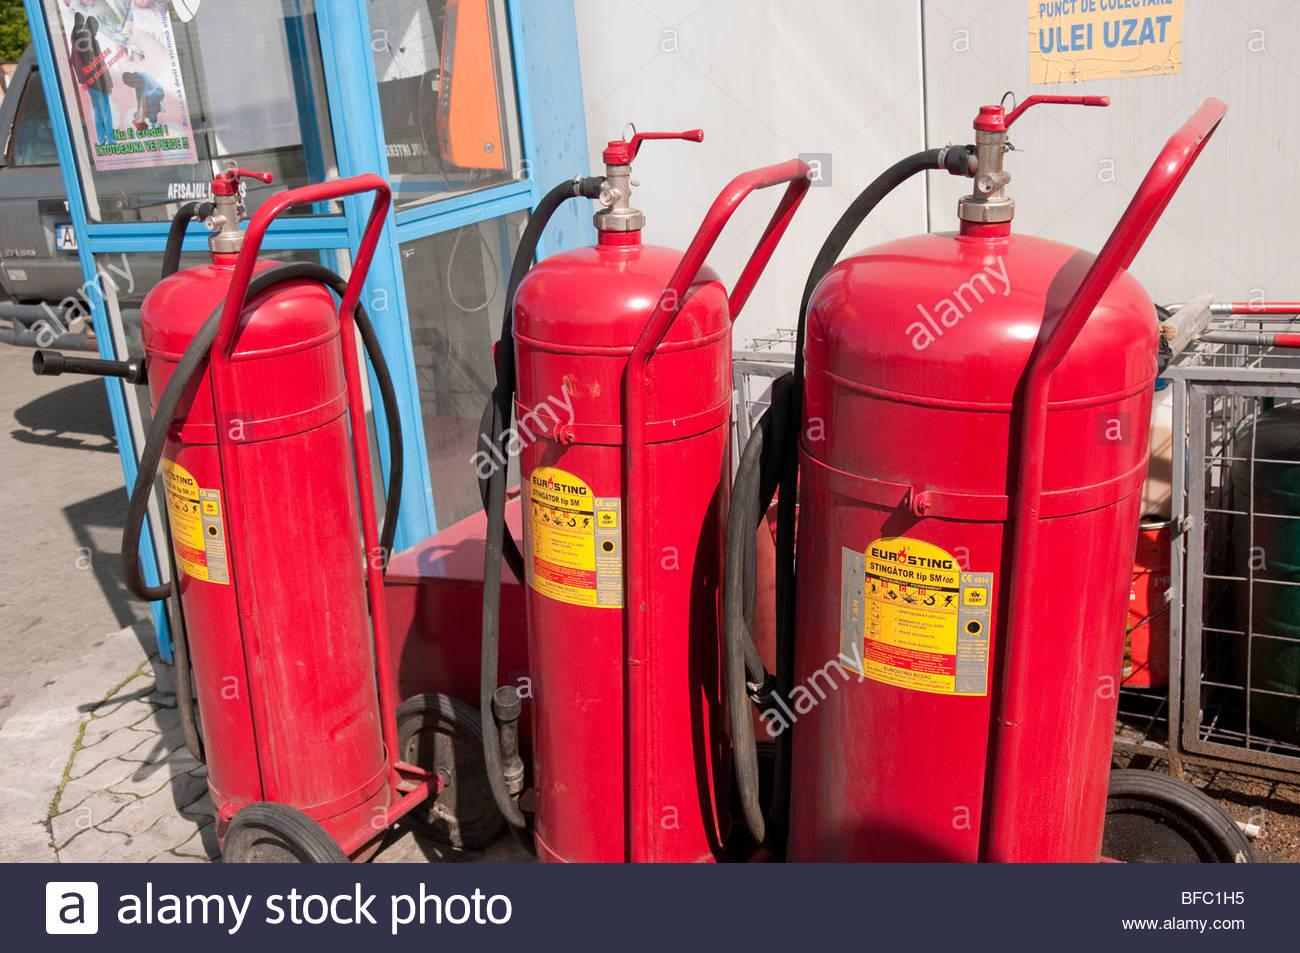 Grande polvere secca estintore nella stazione di benzina vicino a